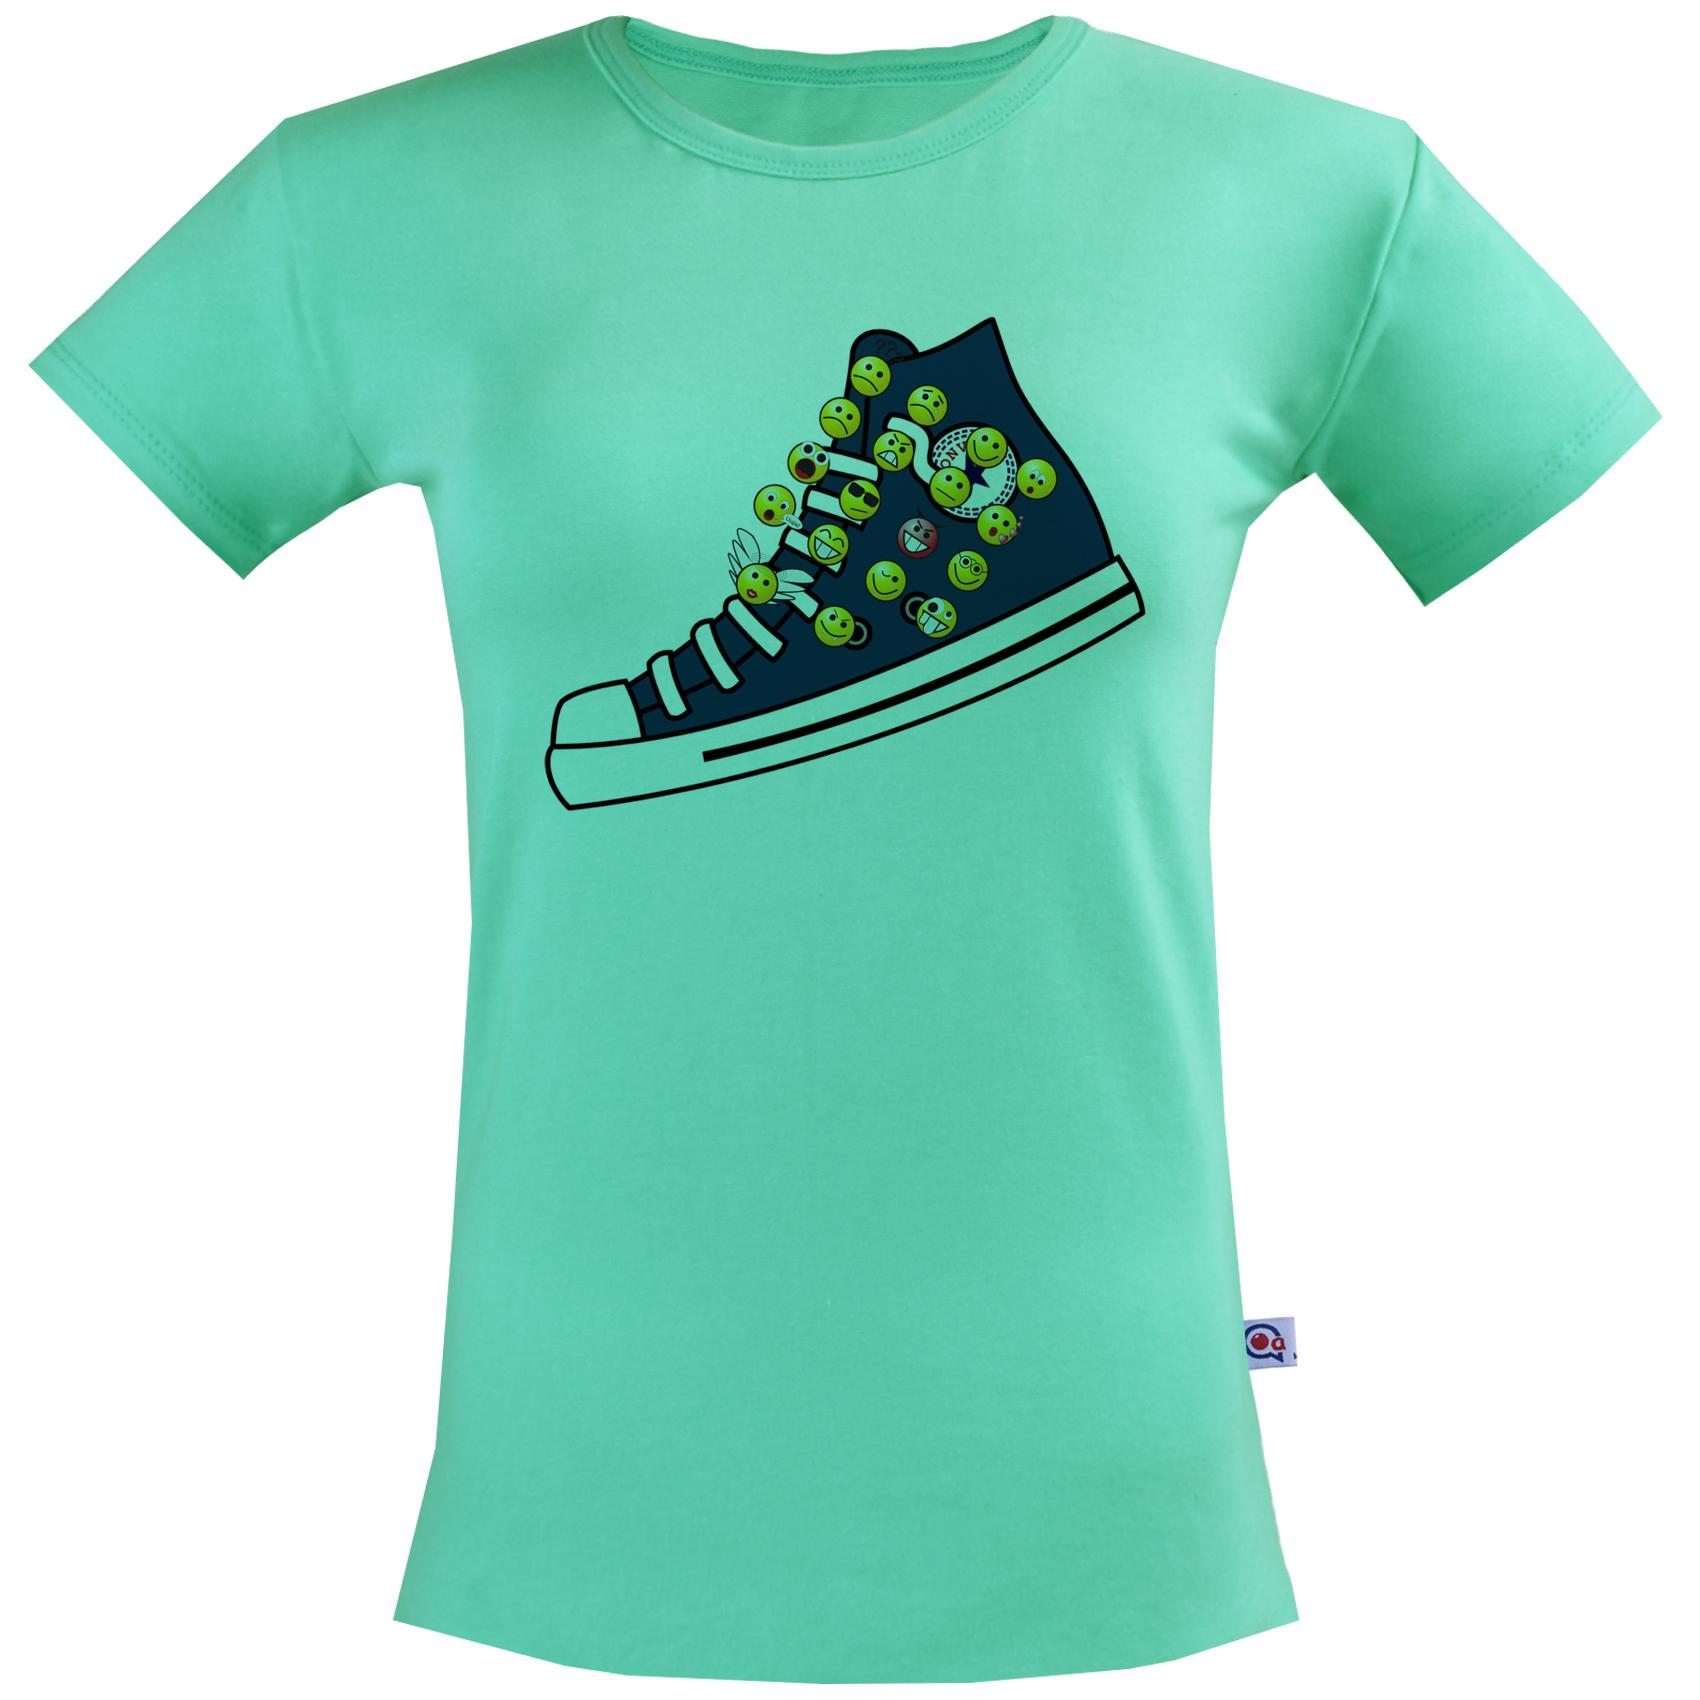 تی شرت زنانه آکو طرح کتونی کد BC87